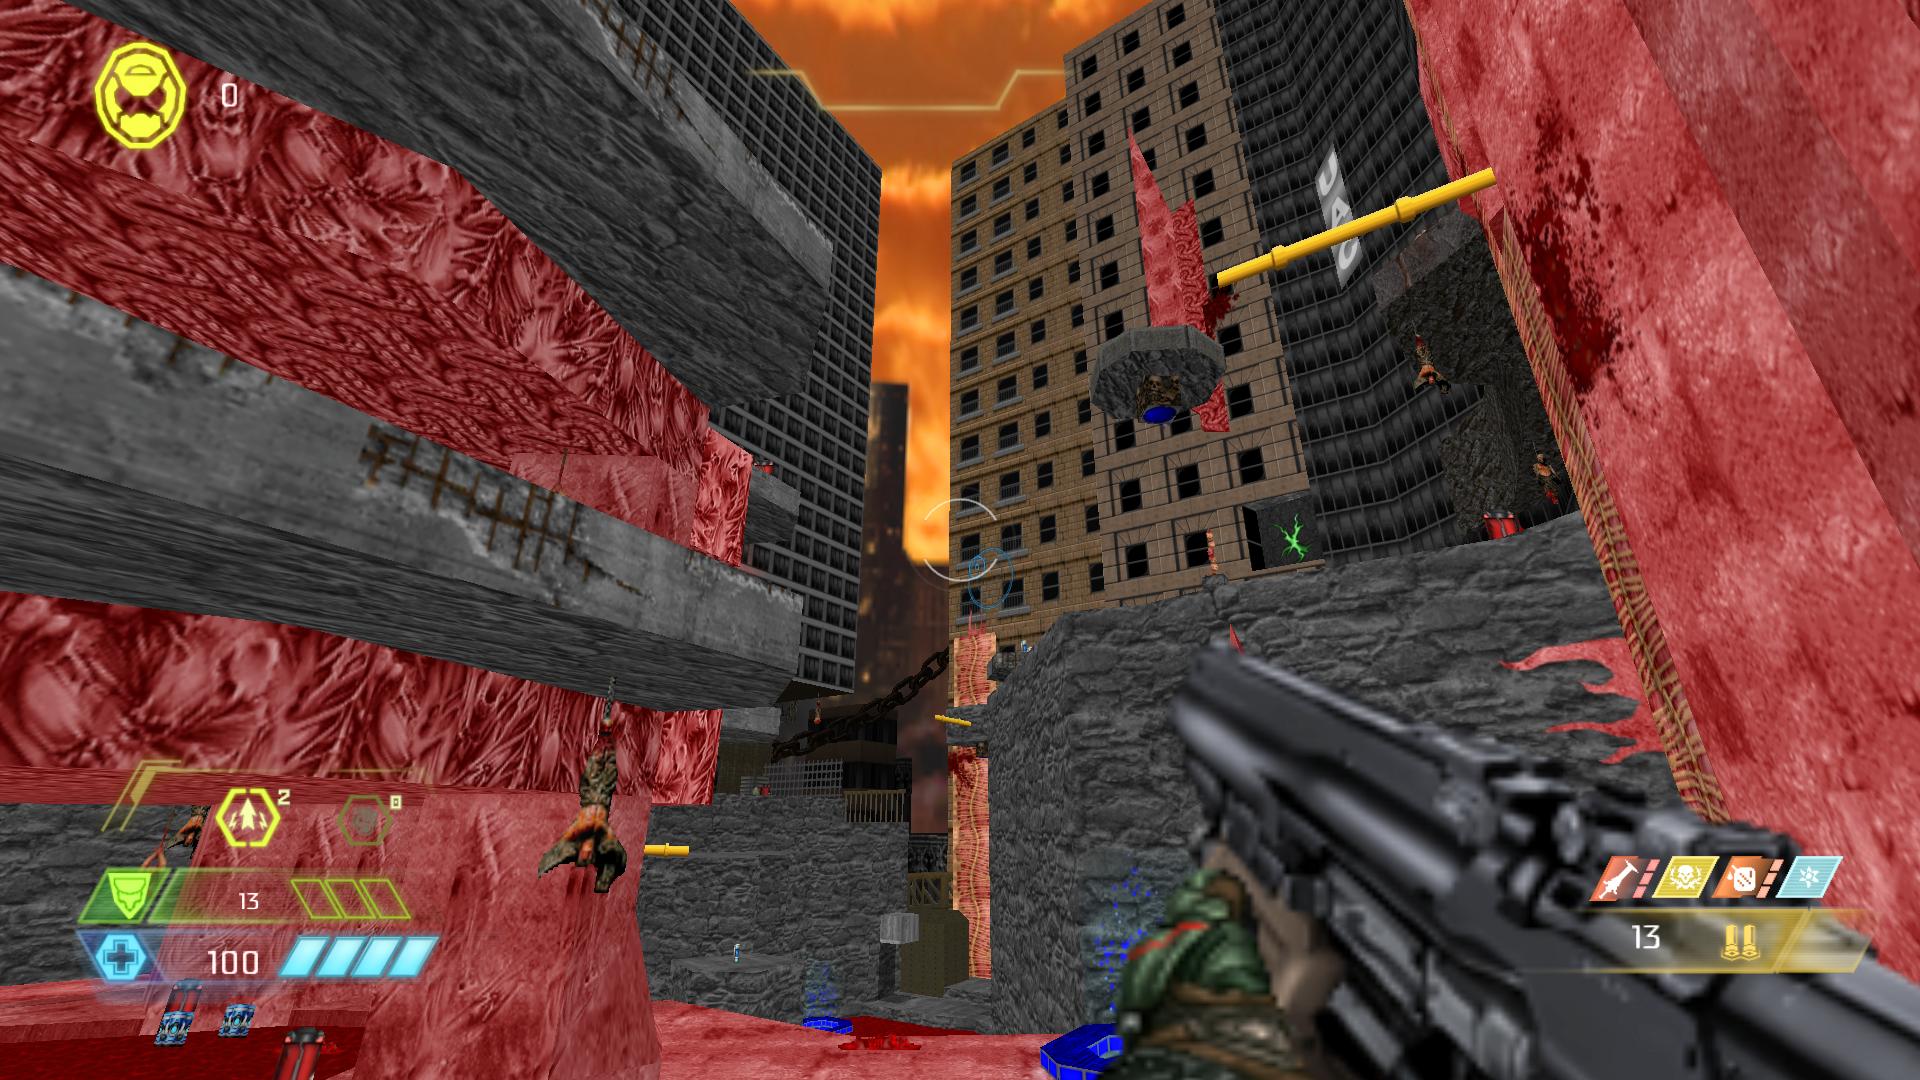 Screenshot_Doom_20210107_230517.png.6617122d199ec51a8d9488dac14ea106.png